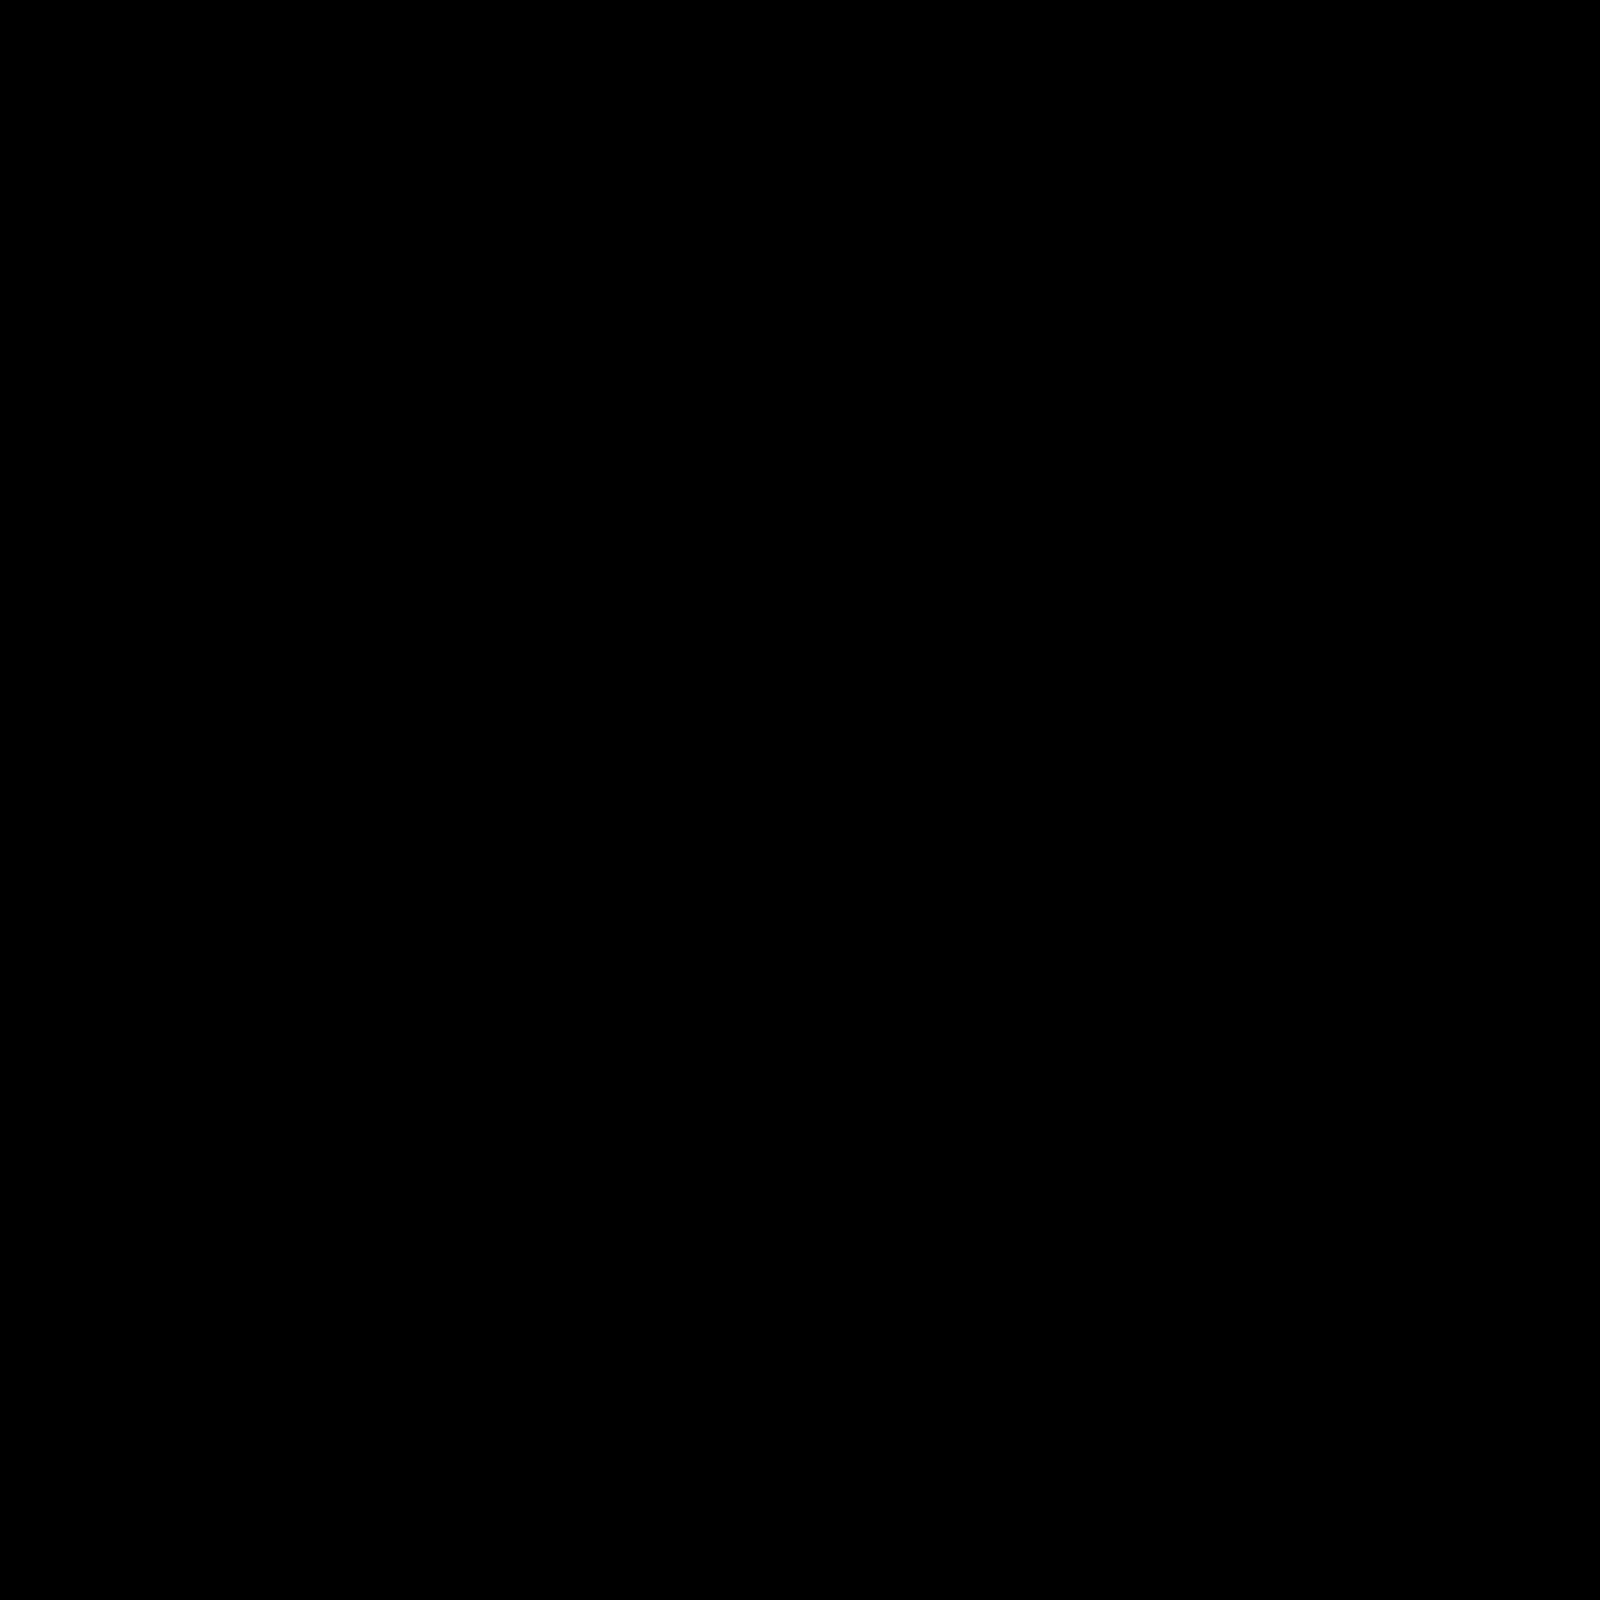 切り取り icon